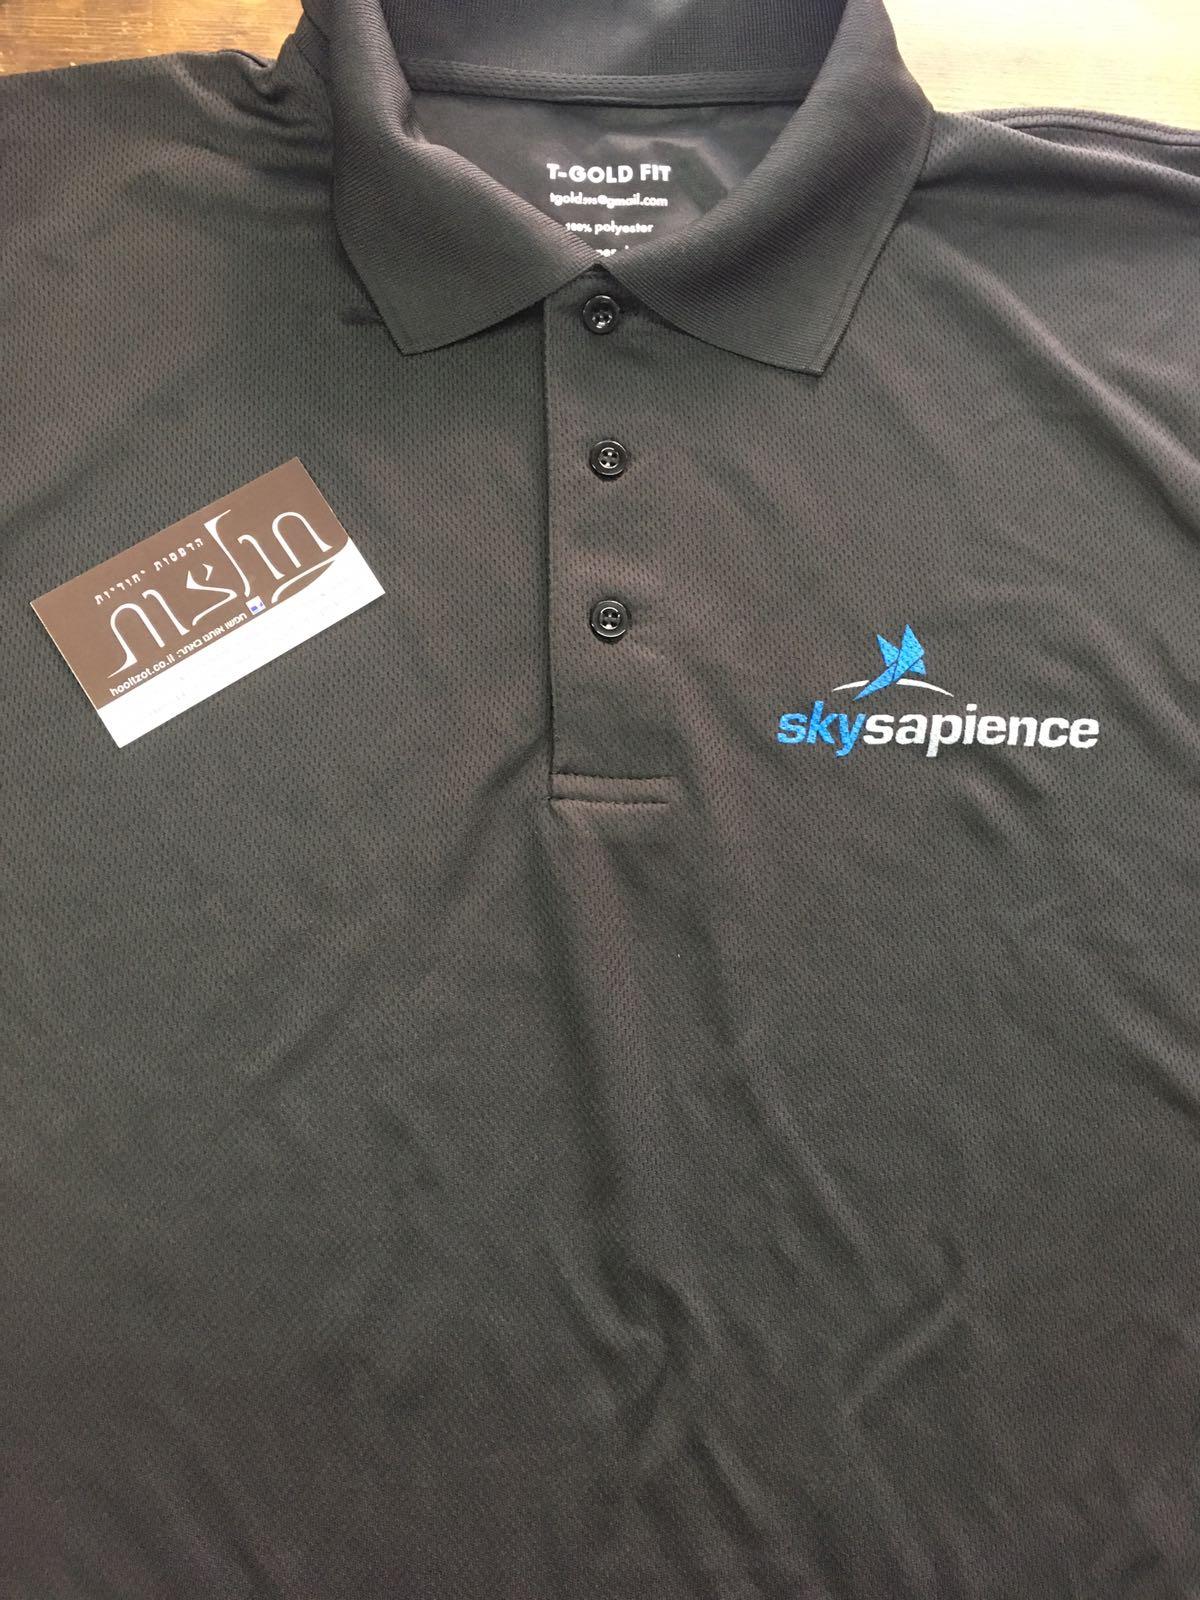 הדפסת חולצות לעסק Sky Sapience Ltd